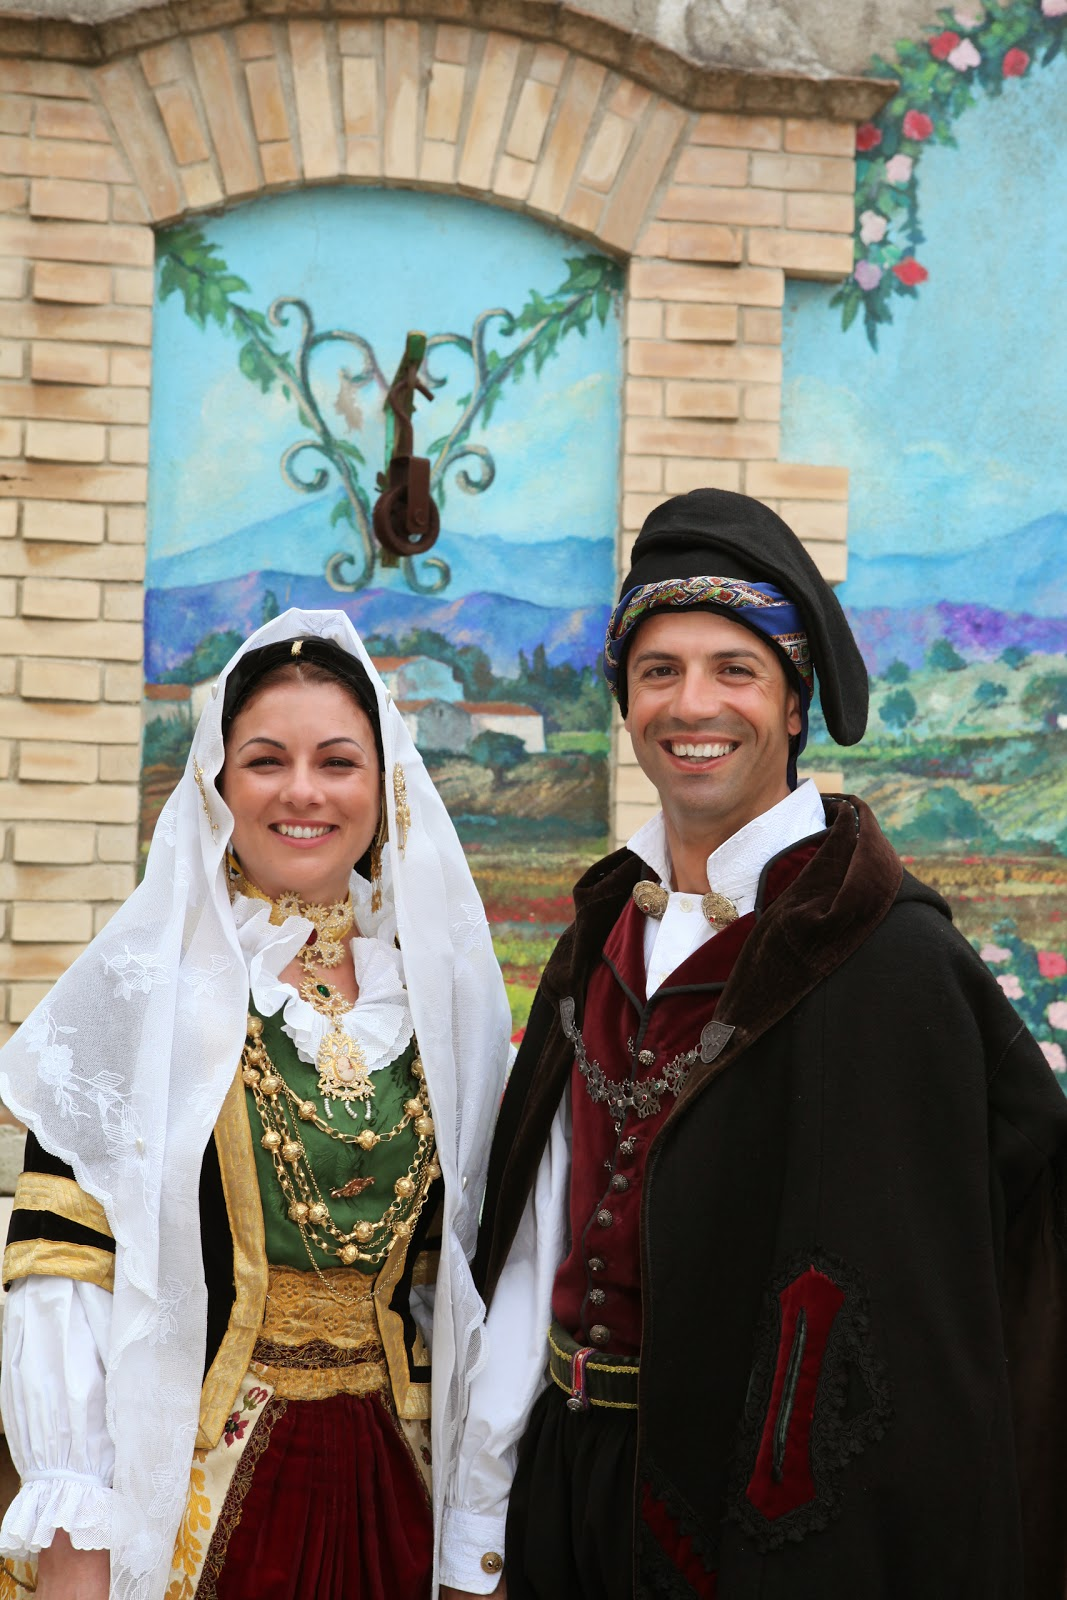 Auguri Matrimonio Unione : Basket sardegna e unione religiosa gli auguri